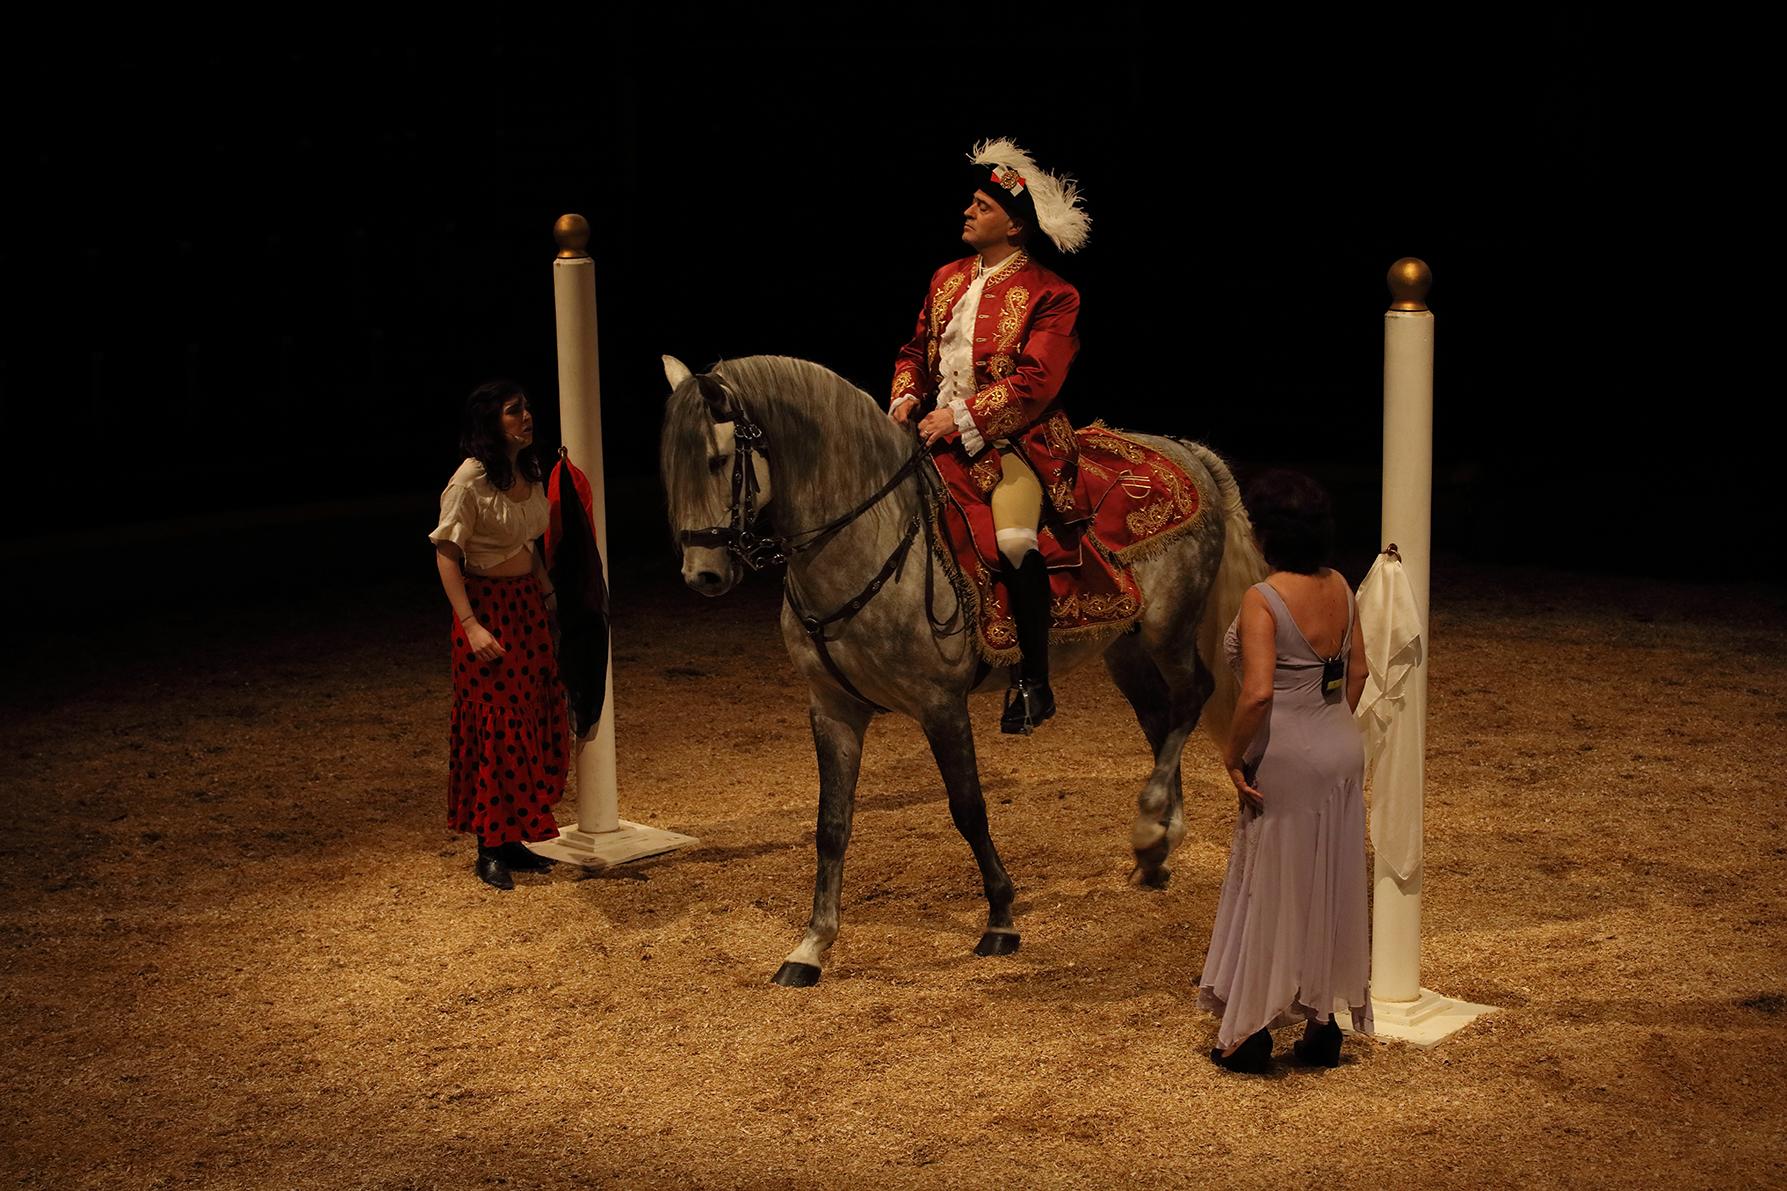 Rétrospective en image du spectacle la Légende de Severa au cirque d'hiver d'Amiens